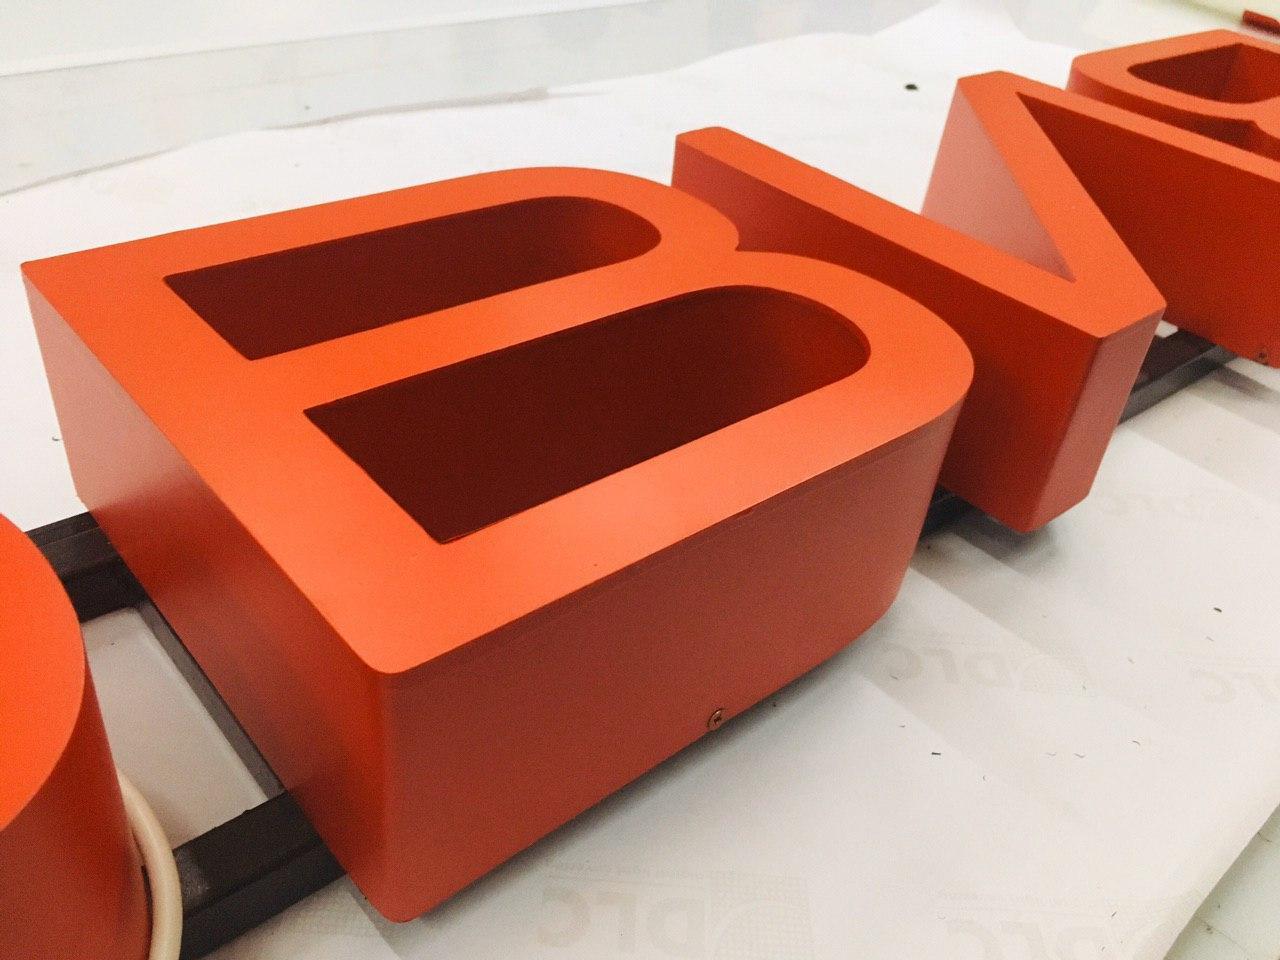 объемные буквы на металлоконструкции